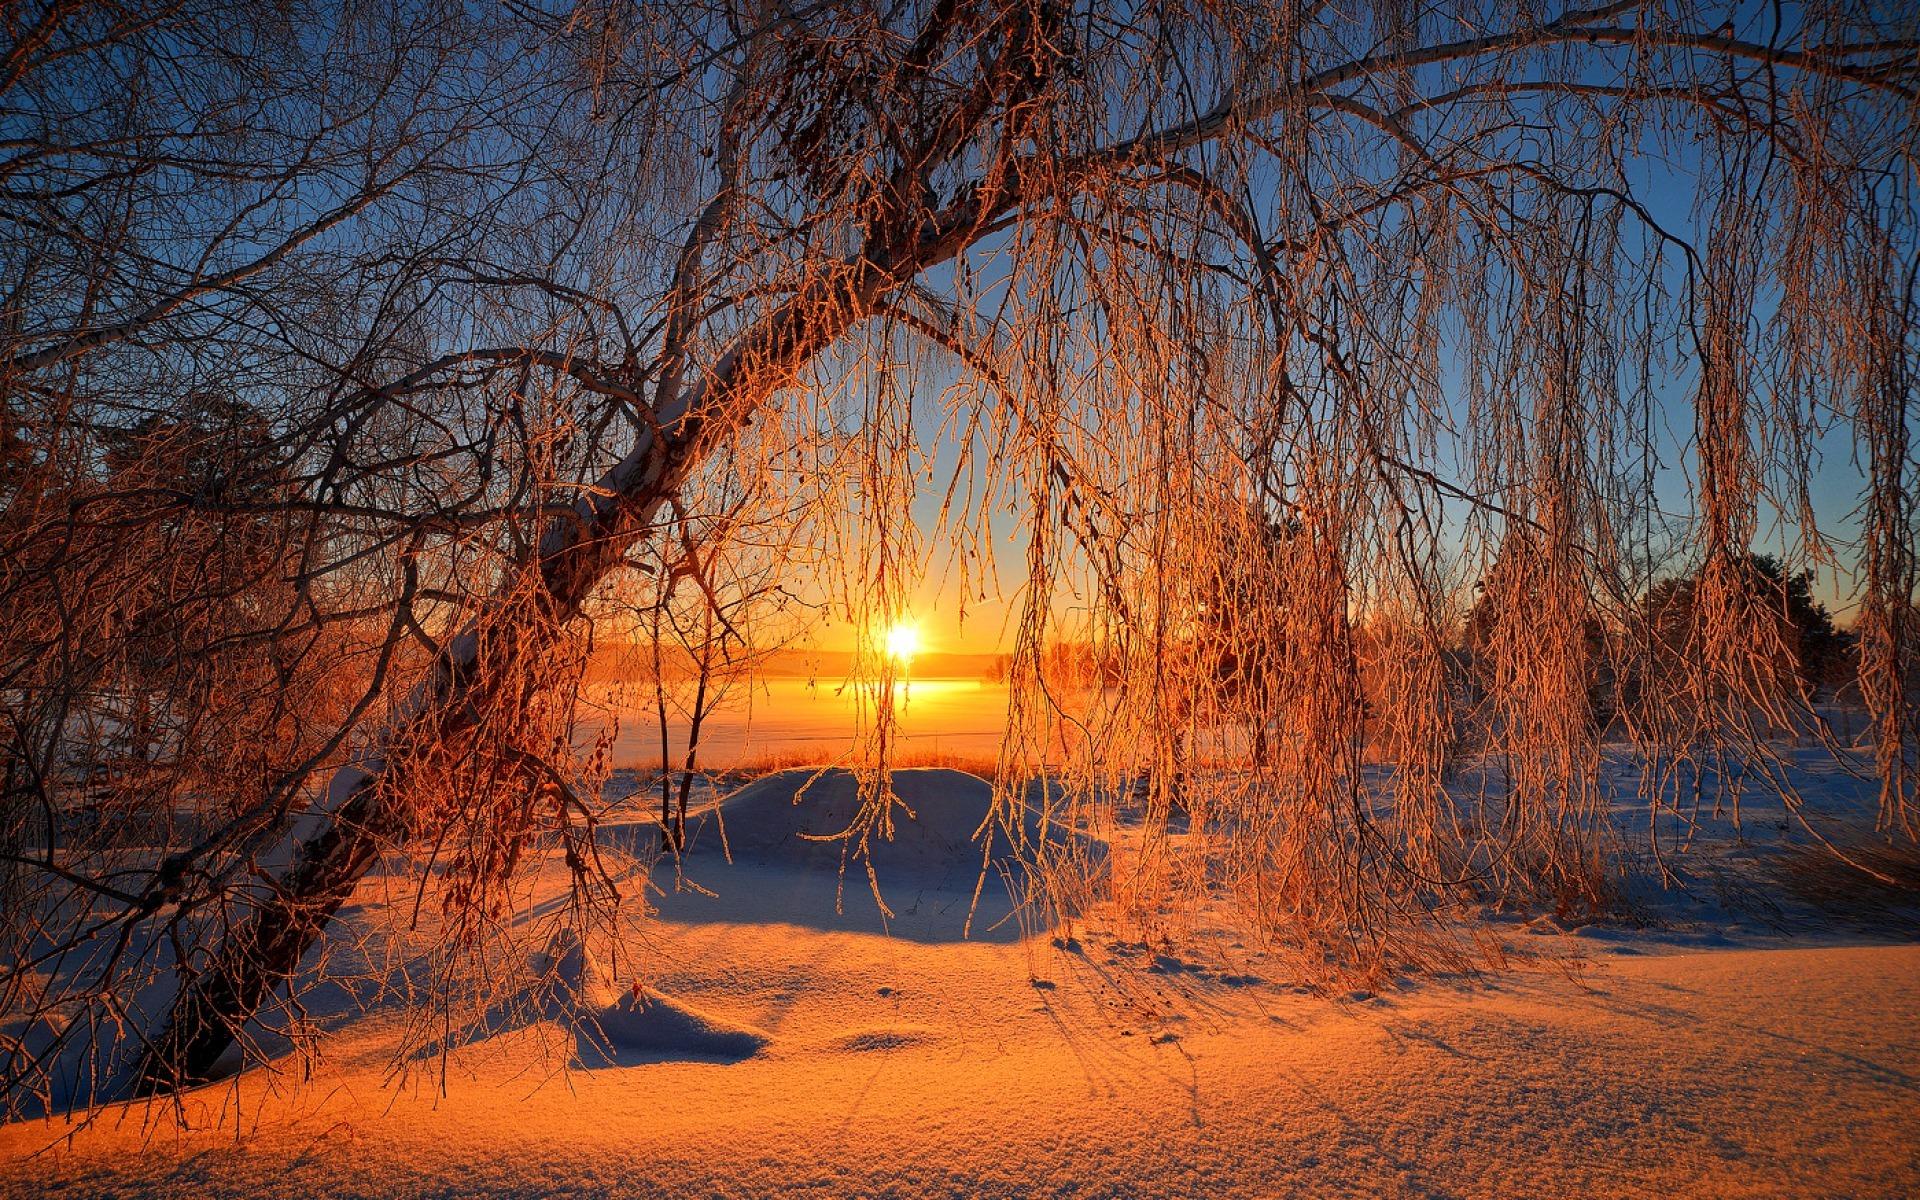 заснеженная растительность на закате  № 1027083 без смс